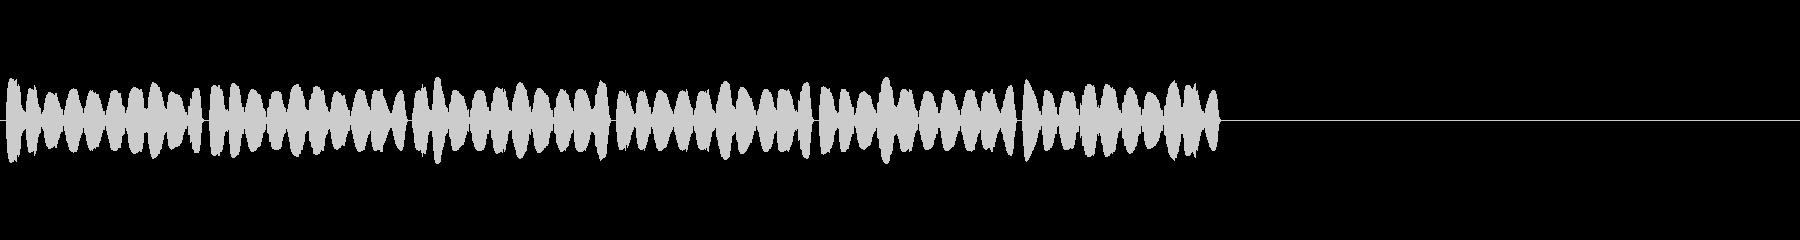 ビープ音;低ドローンパルスフランジ...の未再生の波形